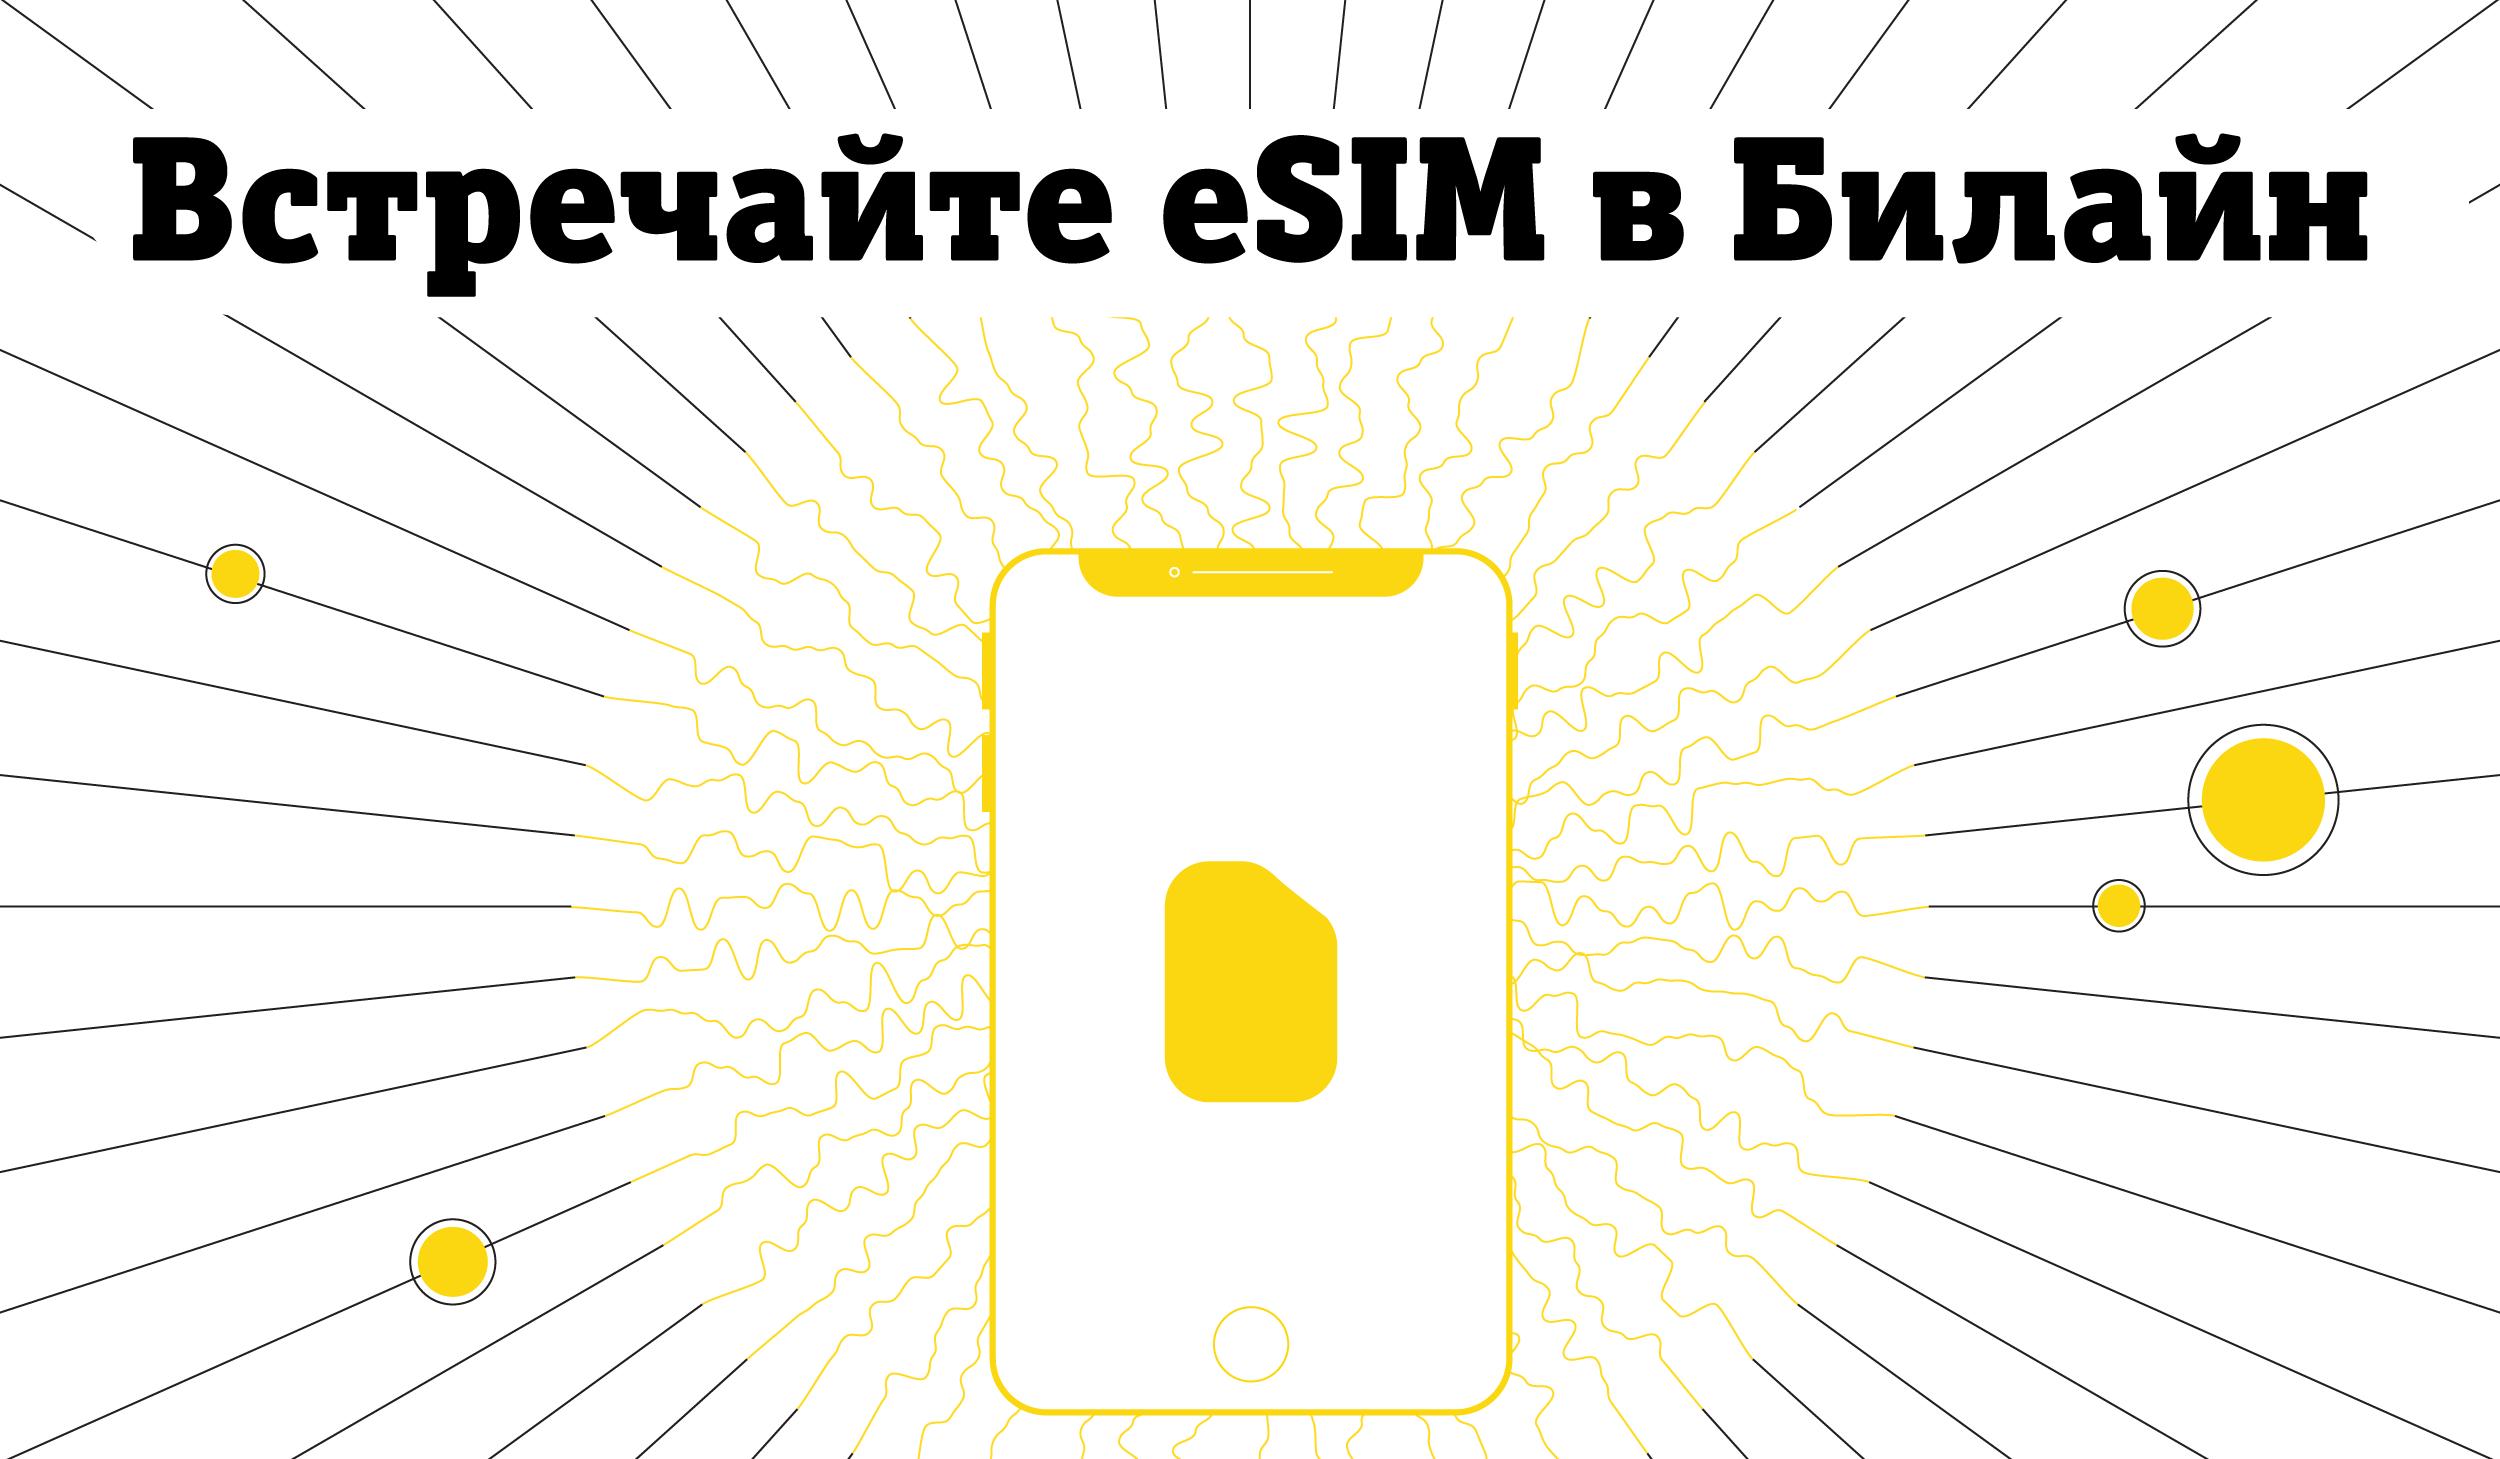 eSIM от Билайн: дистанционное подключение за 5 минут 1